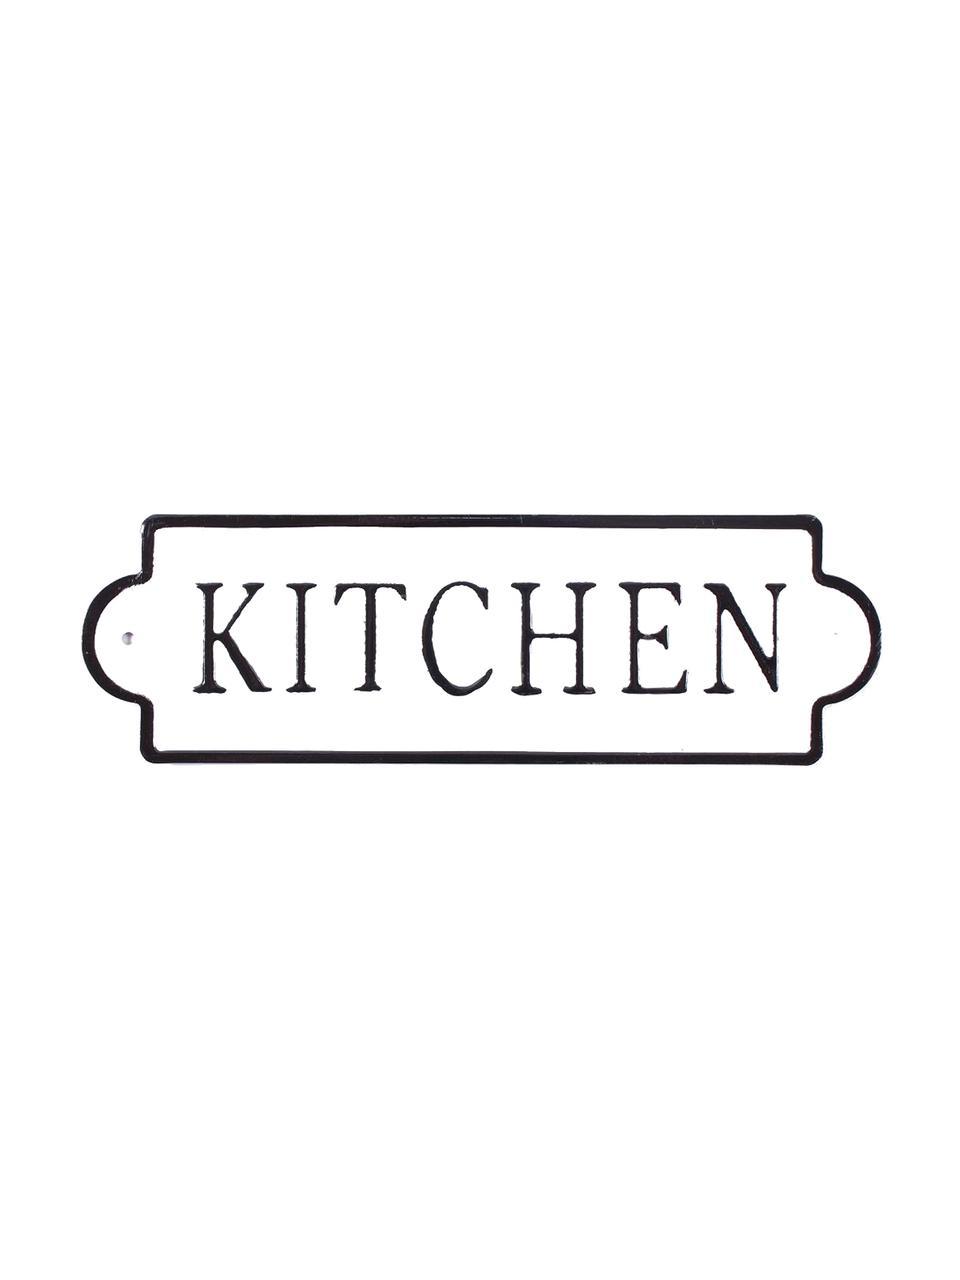 Wandschild Kitchen, Metall, mit Motivfolie beklebt, Weiß, Schwarz, 26 x 8 cm